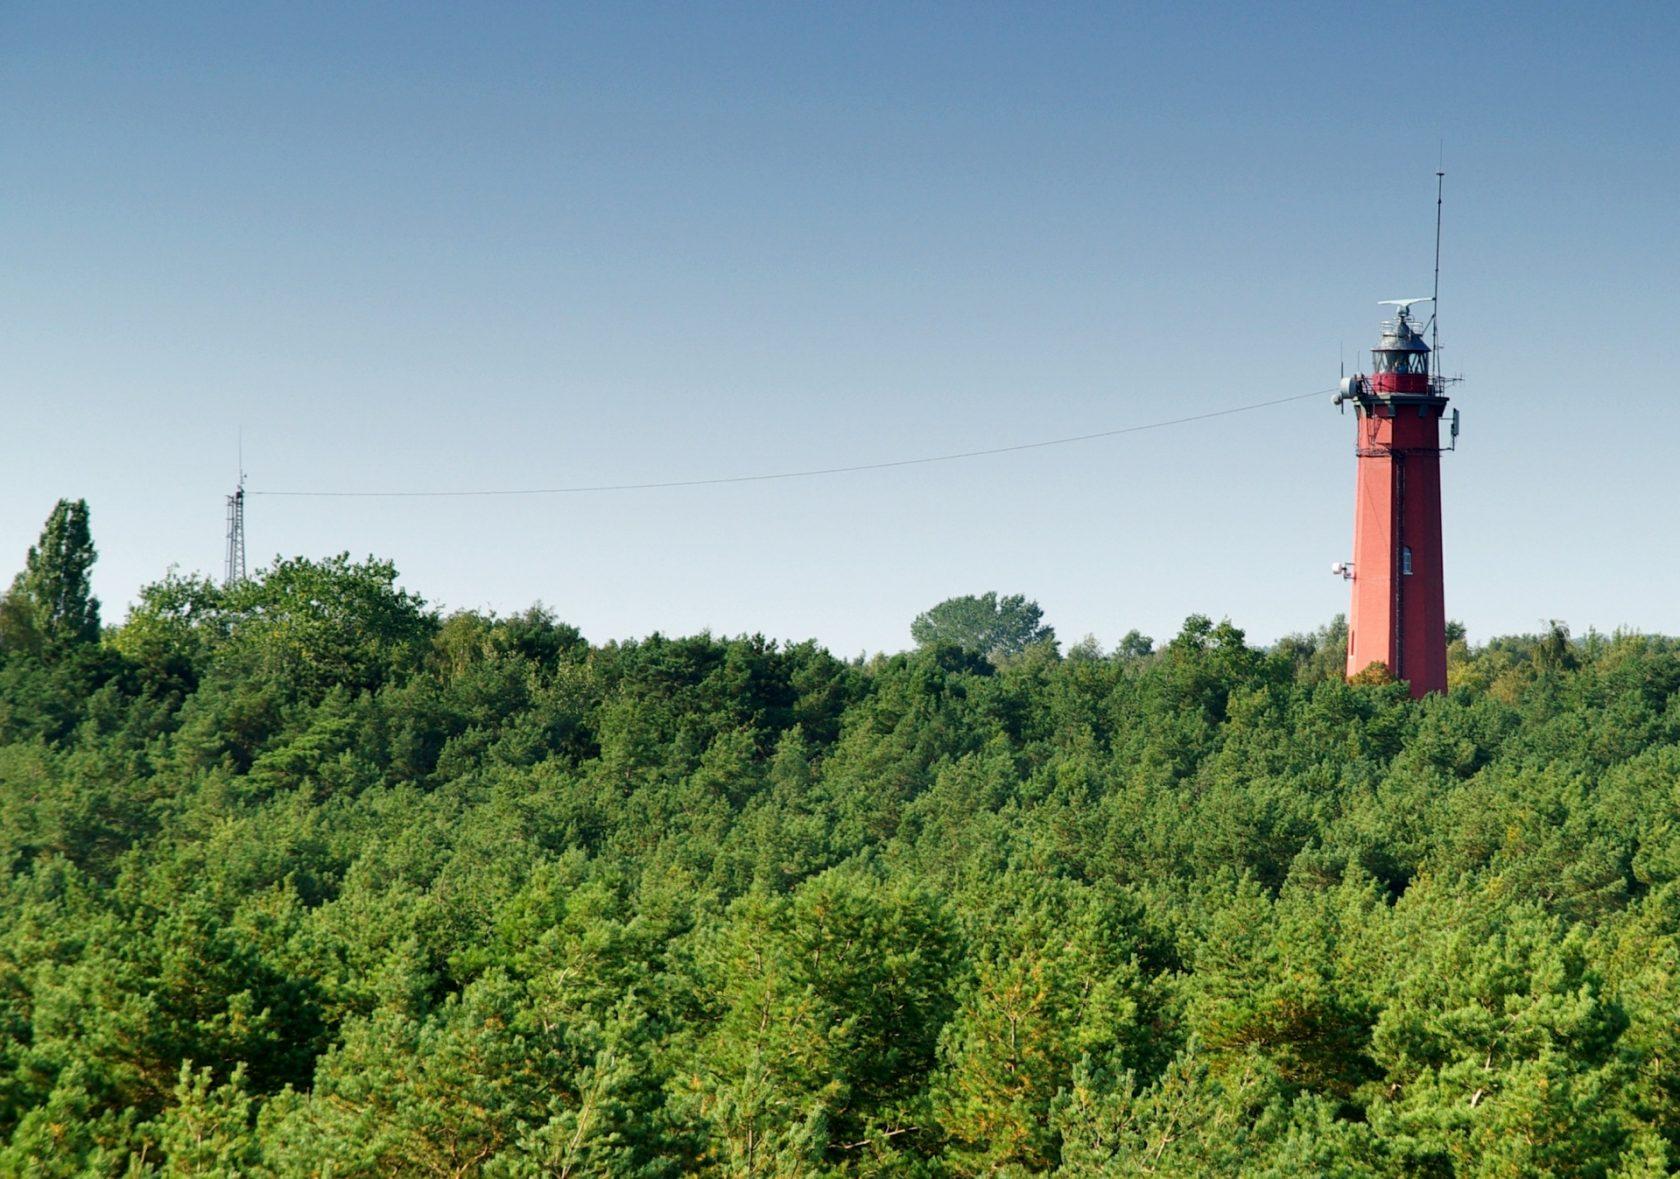 Hel atrakcje Latarnia Morska /źródło: www. pomorskie.travel